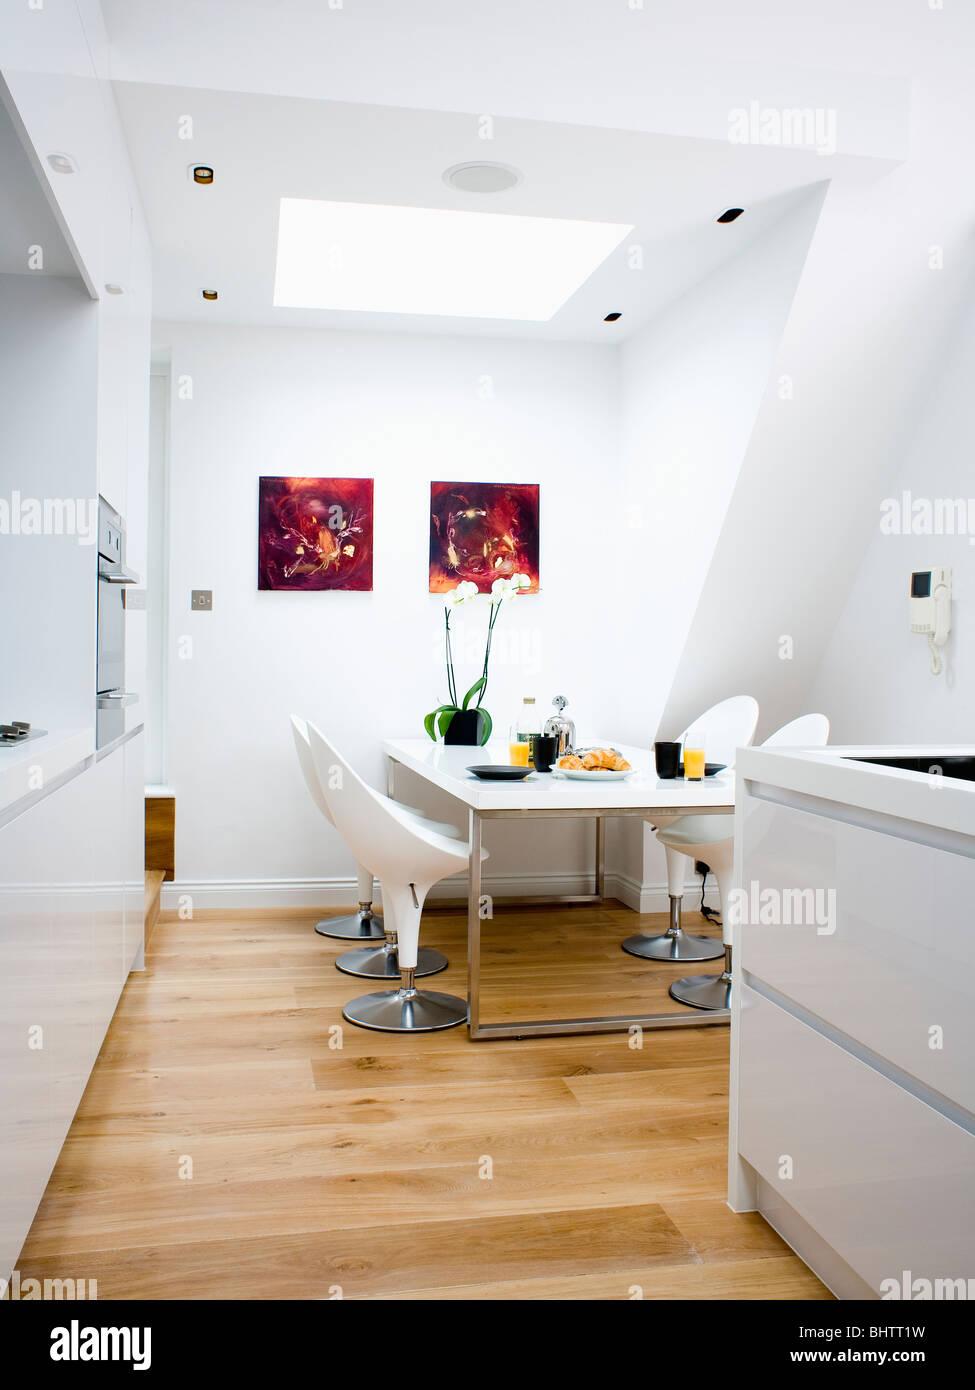 Weiße Stühle und Tisch im weißen Loft Umbau Küche Esszimmer mit ...